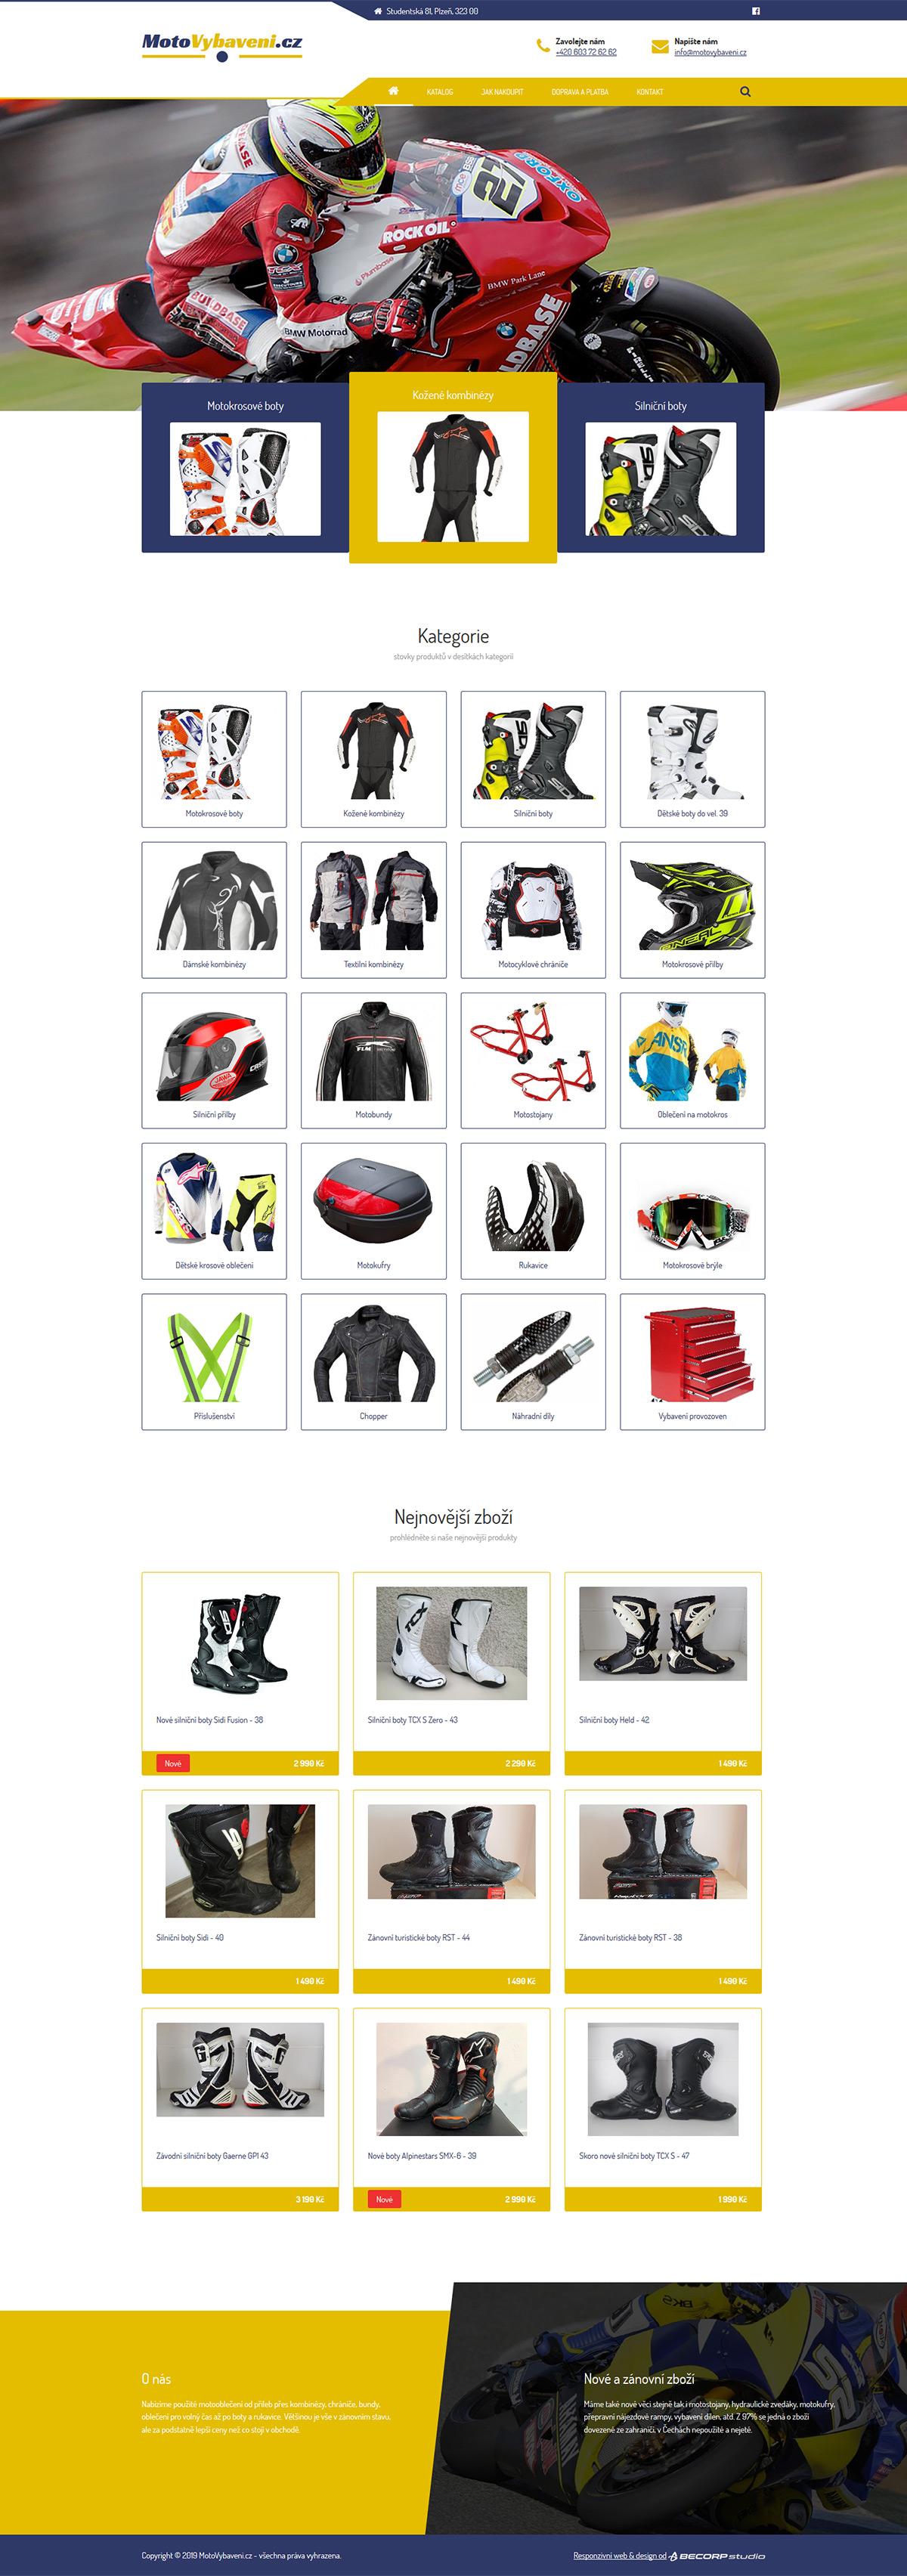 Tvorba responzivní www stránky s moto vybavením